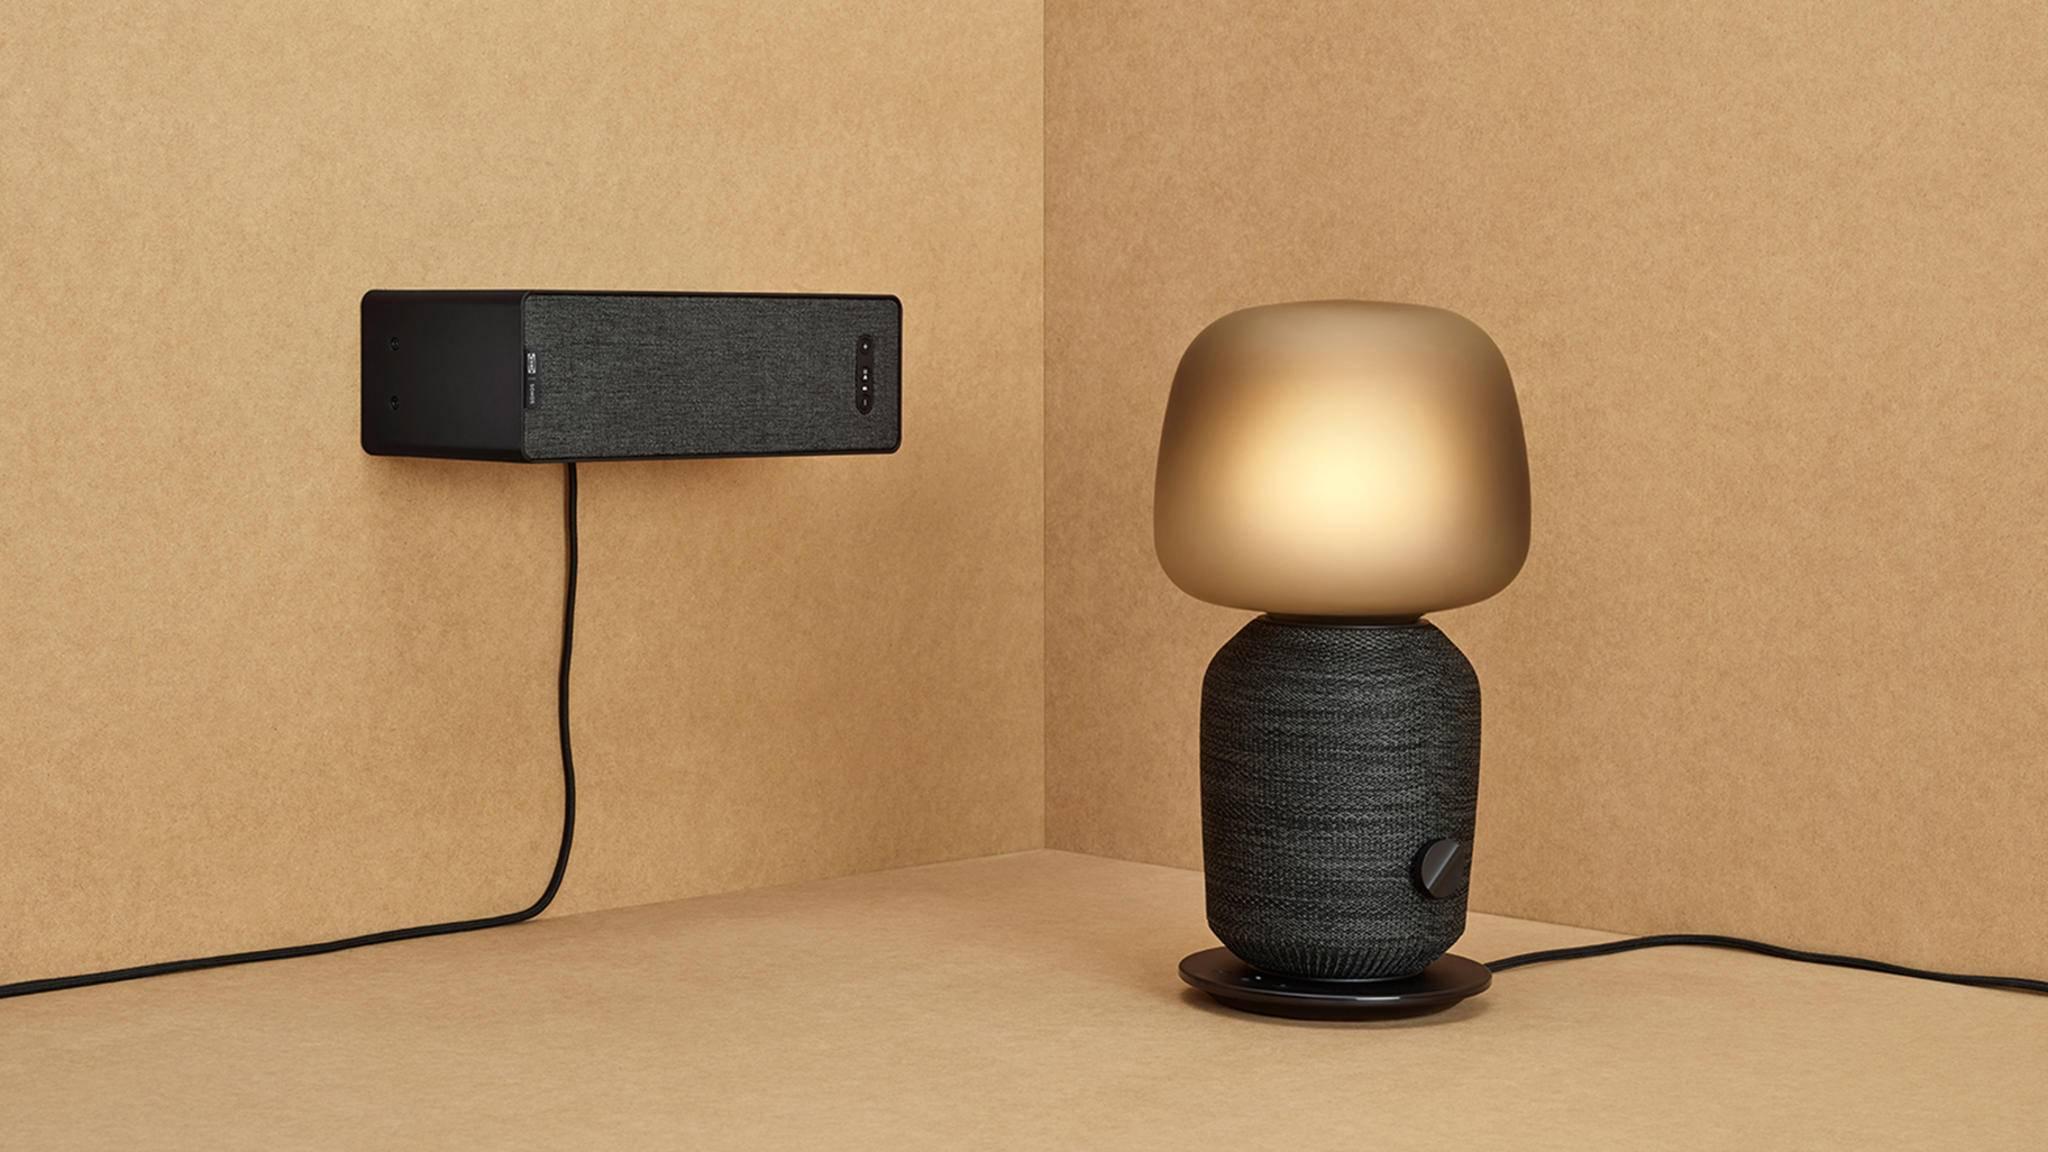 Sound und Licht vereinen sich in der Tischleuchte mit Wi-Fi-Speakern (rechts), die Ikea und Sonos gemeinsam entwickelten.